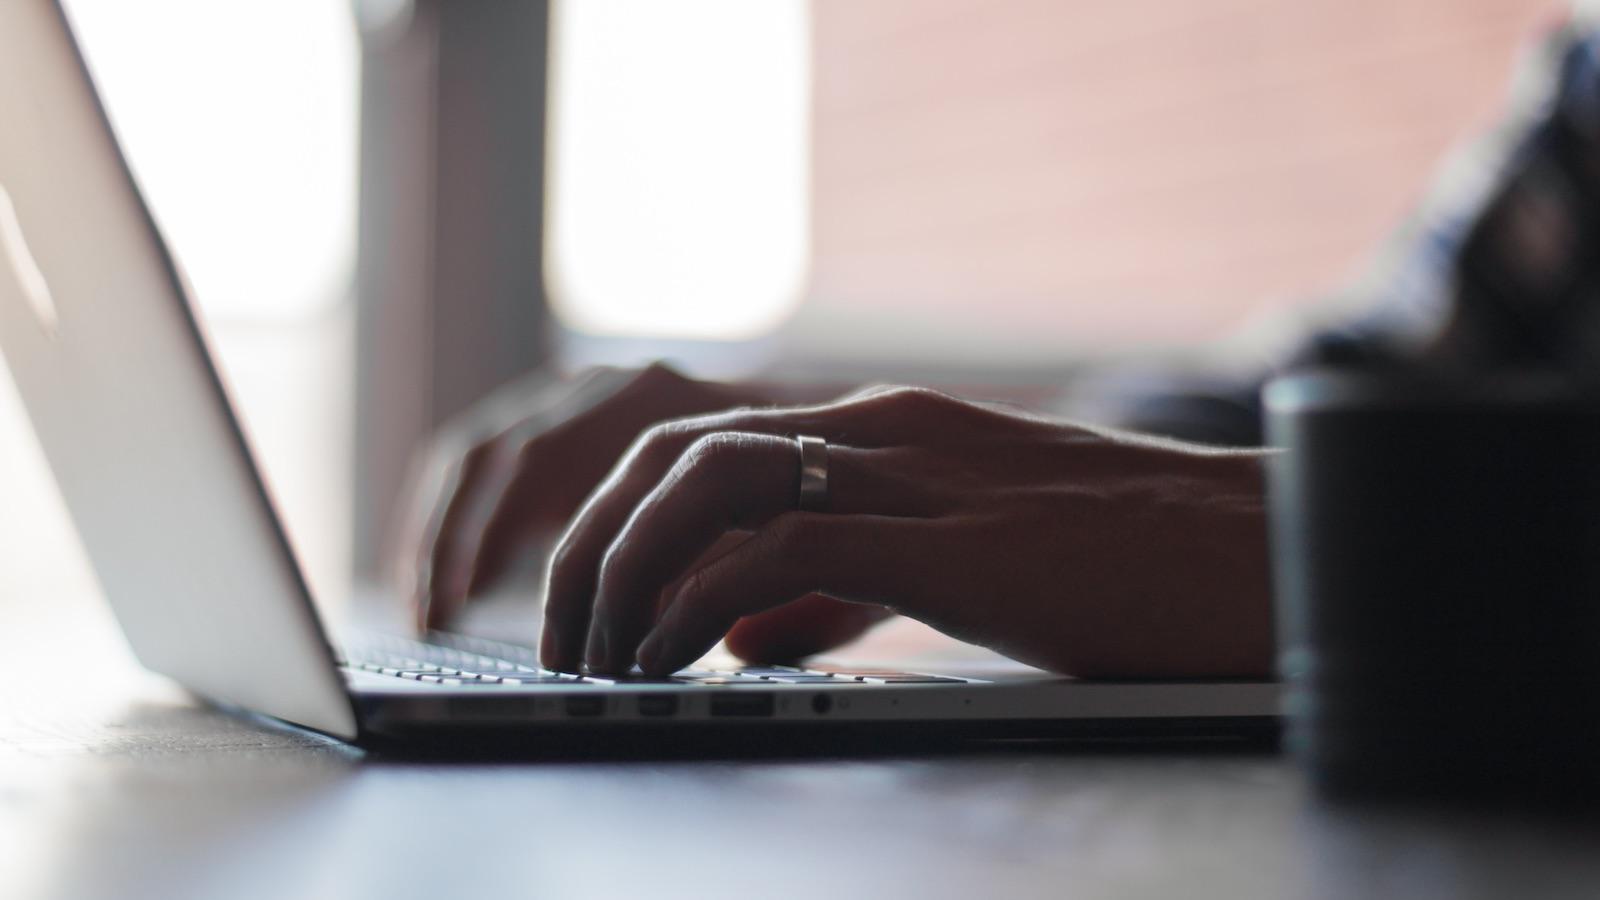 Oppfordrer til online-terapi for å bekjempe koronasmitte